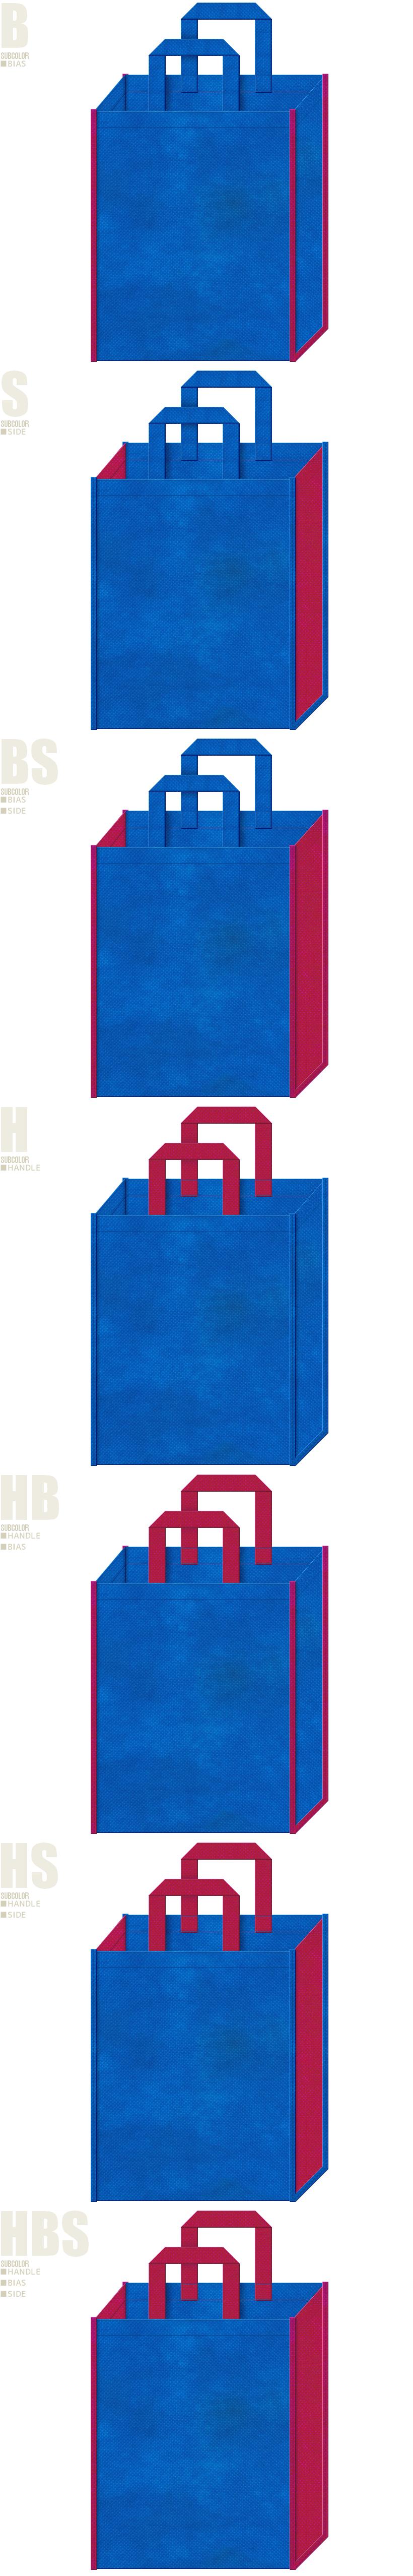 不織布トートバッグのデザイン例-不織布メインカラーNo.22+サブカラーNo.39の2色7パターン